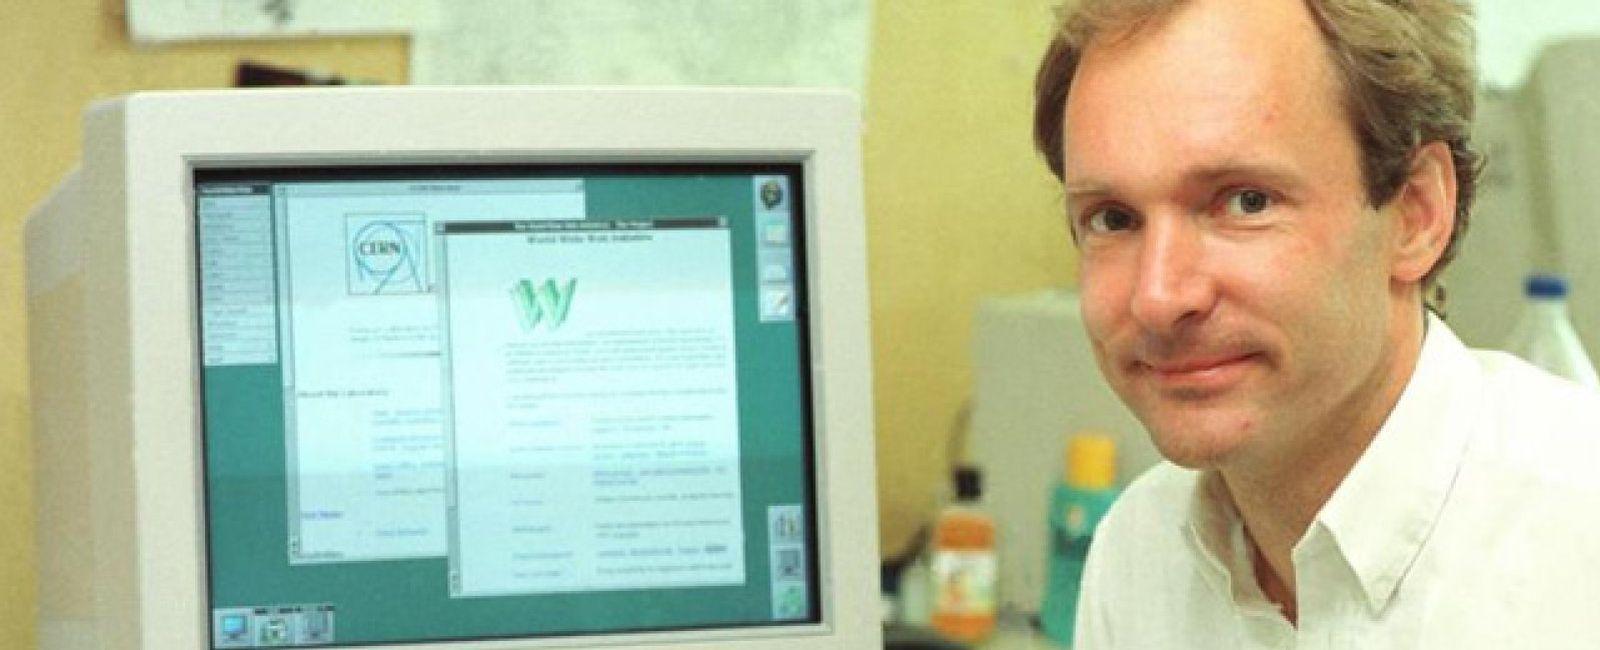 Foto: El CERN restaura la primera web para celebrar 20 años de internet